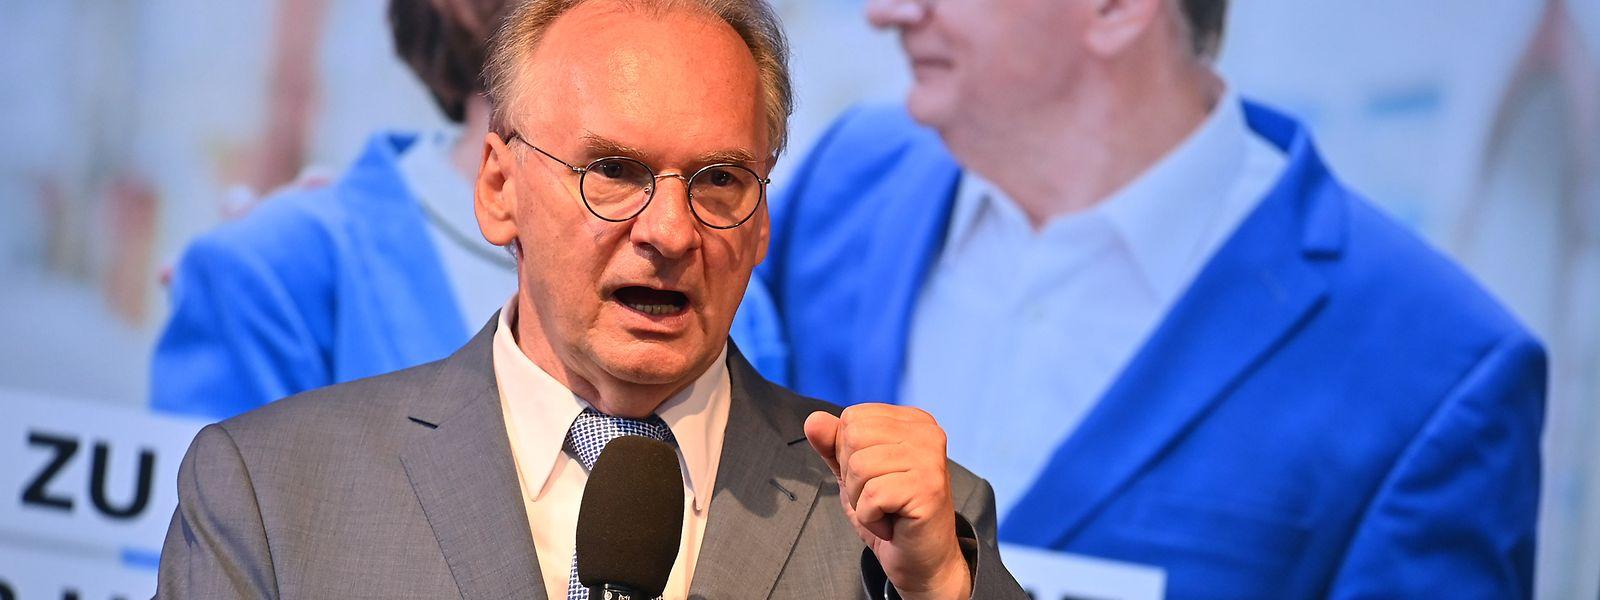 Die Wahl zum neuen Landtag in Sachsen-Anhalt war die letzte Landtagswahl vor der Bundestagswahl im September 2021.